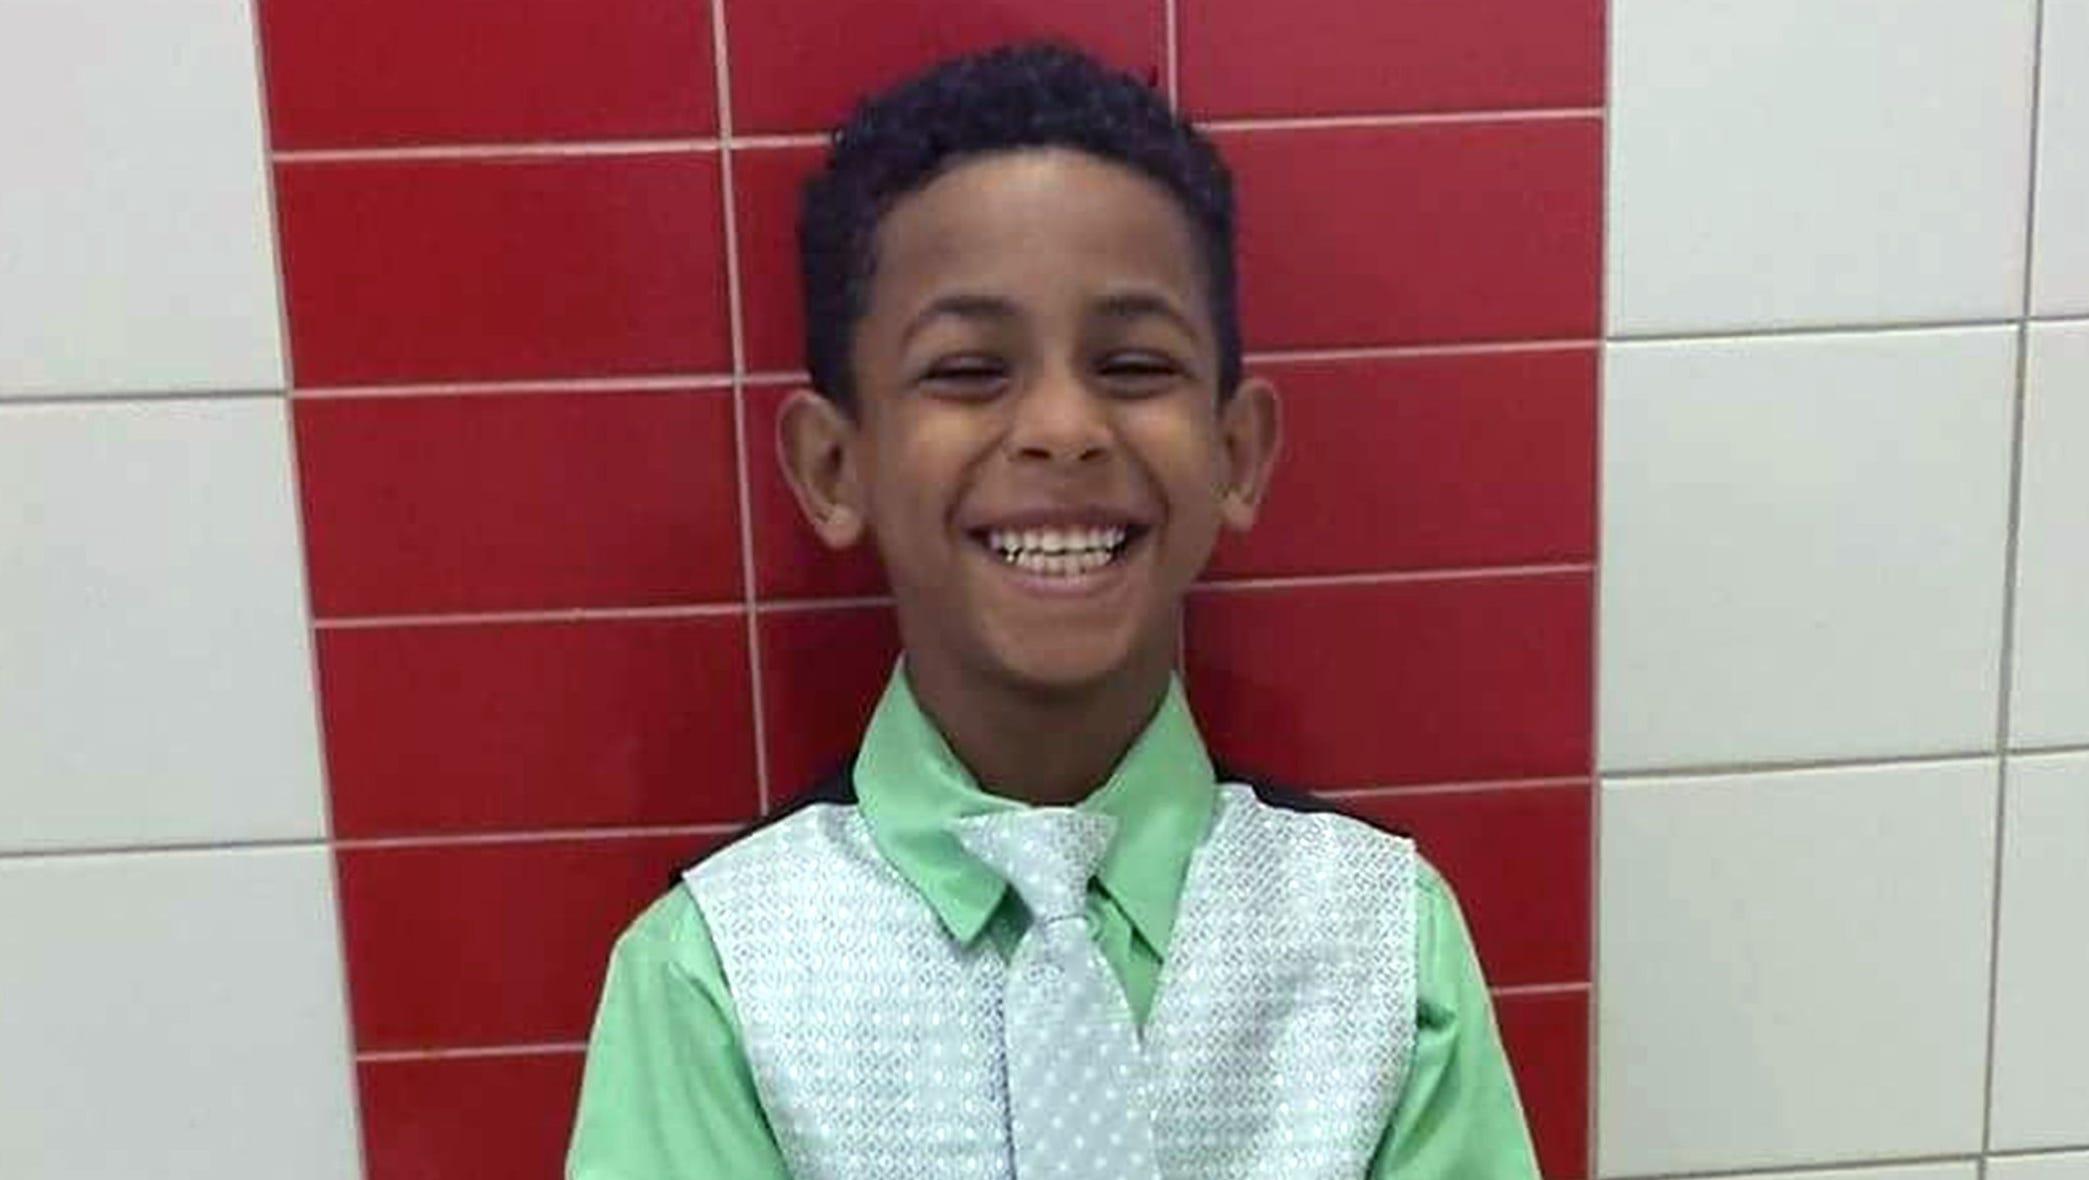 8-year-old boy said he had fainted, school says